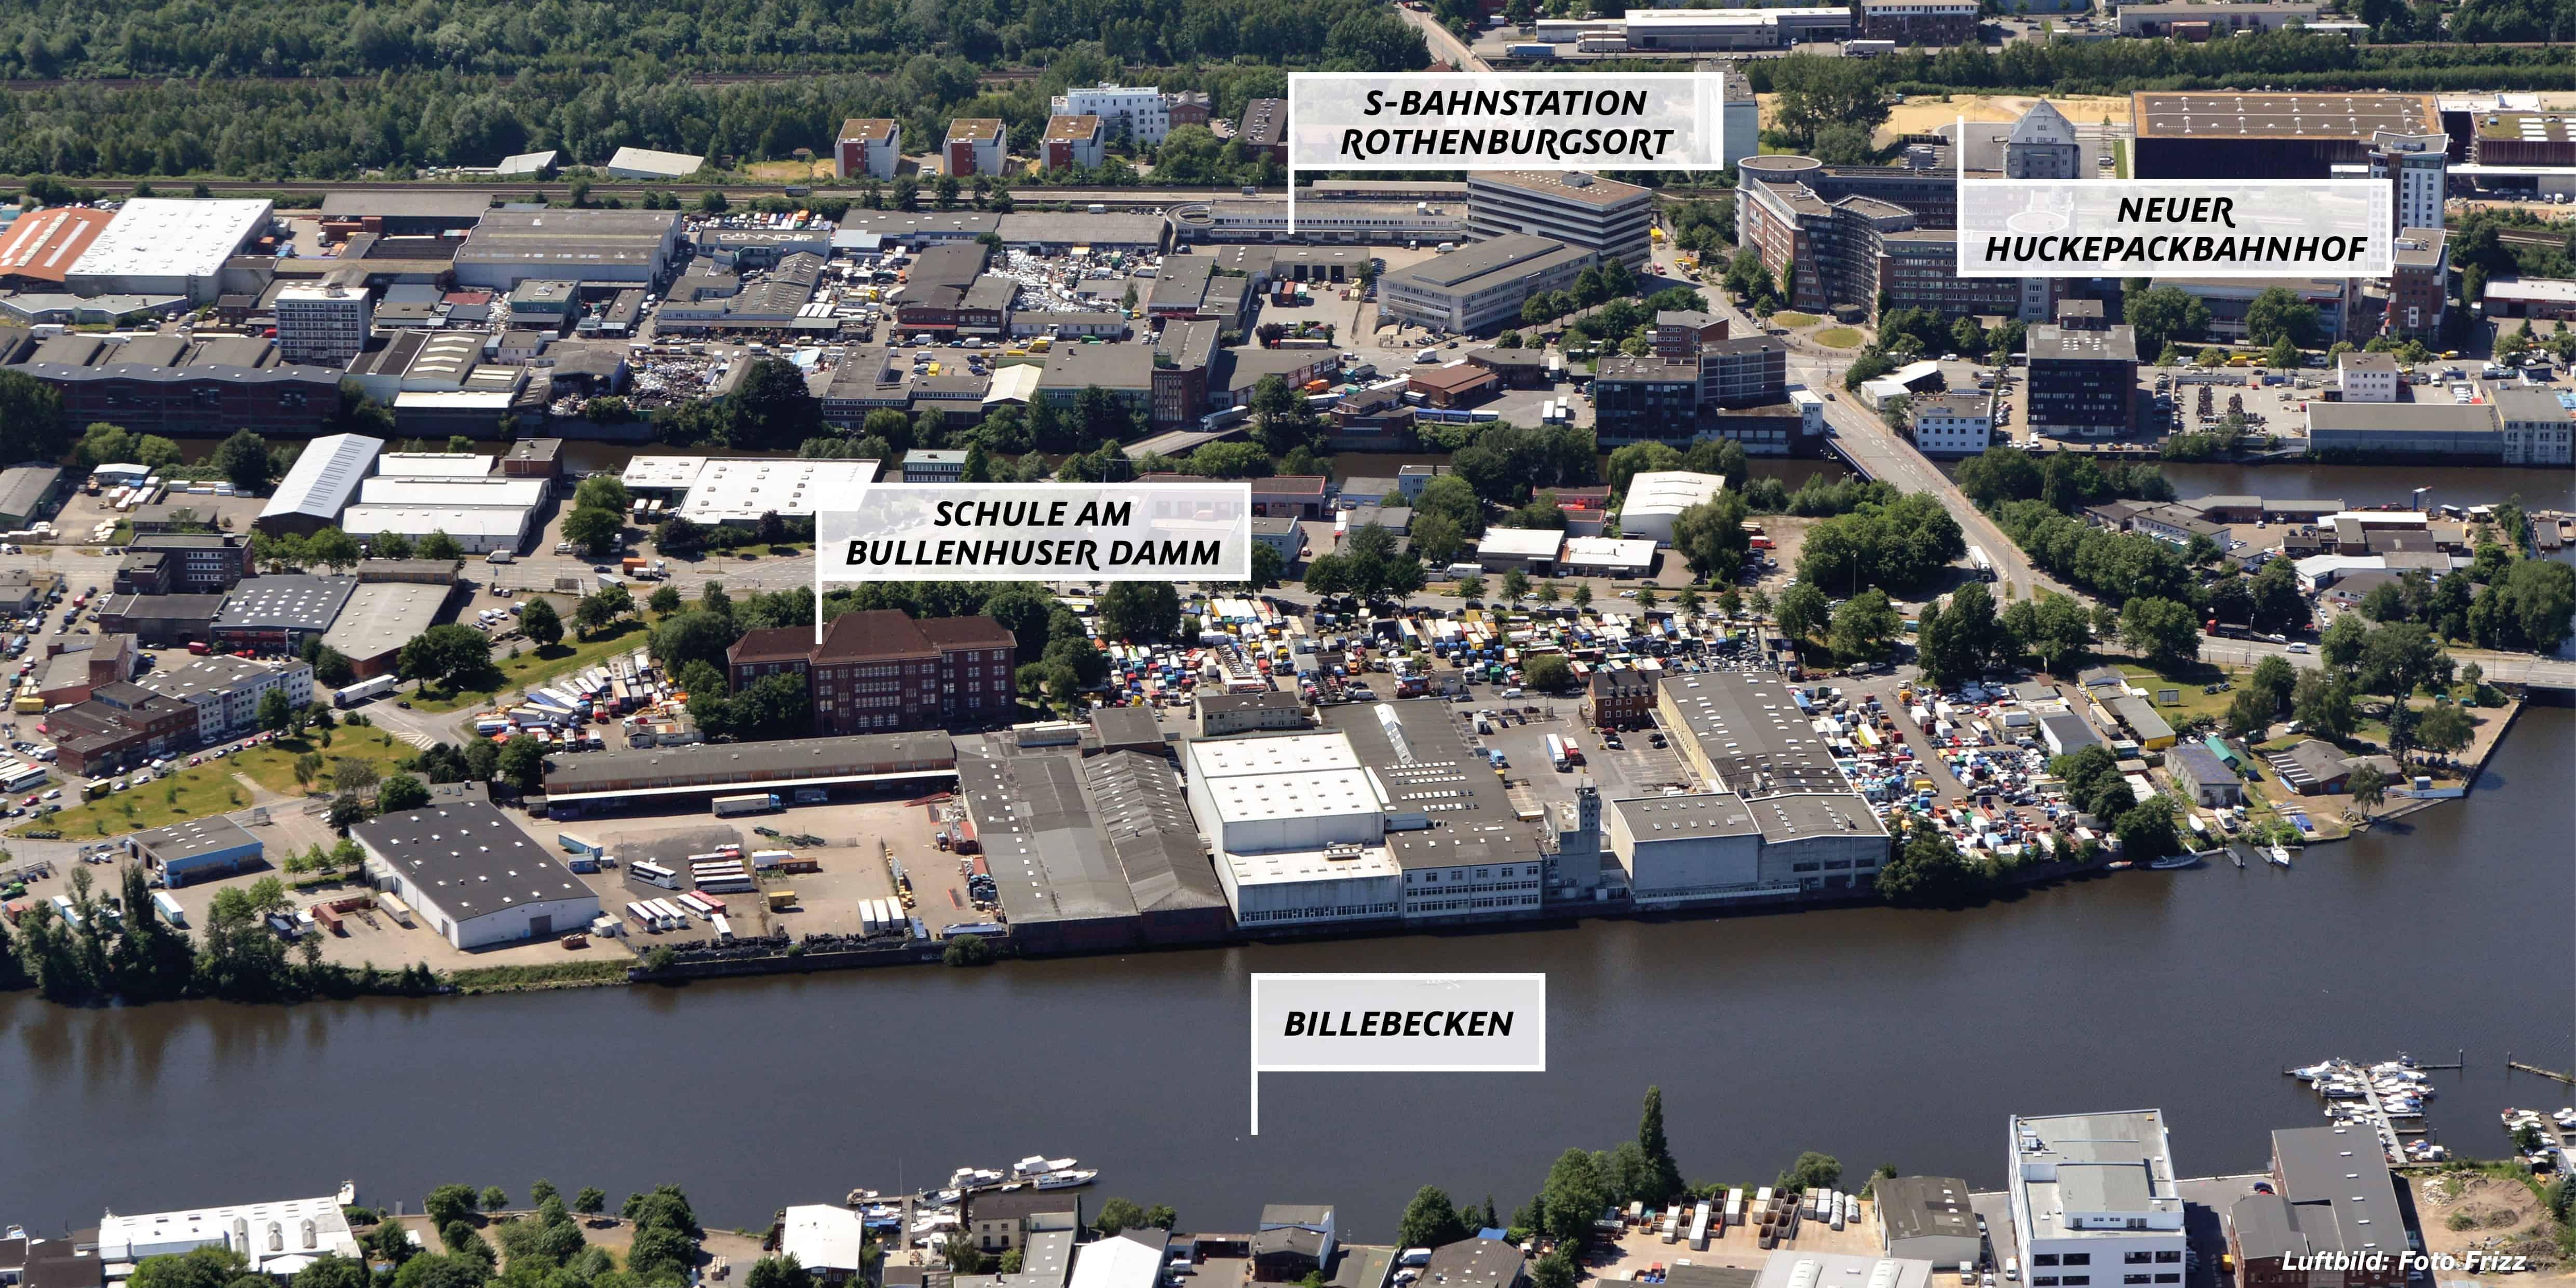 Billebecken in Hamburg, Luftaufnahme